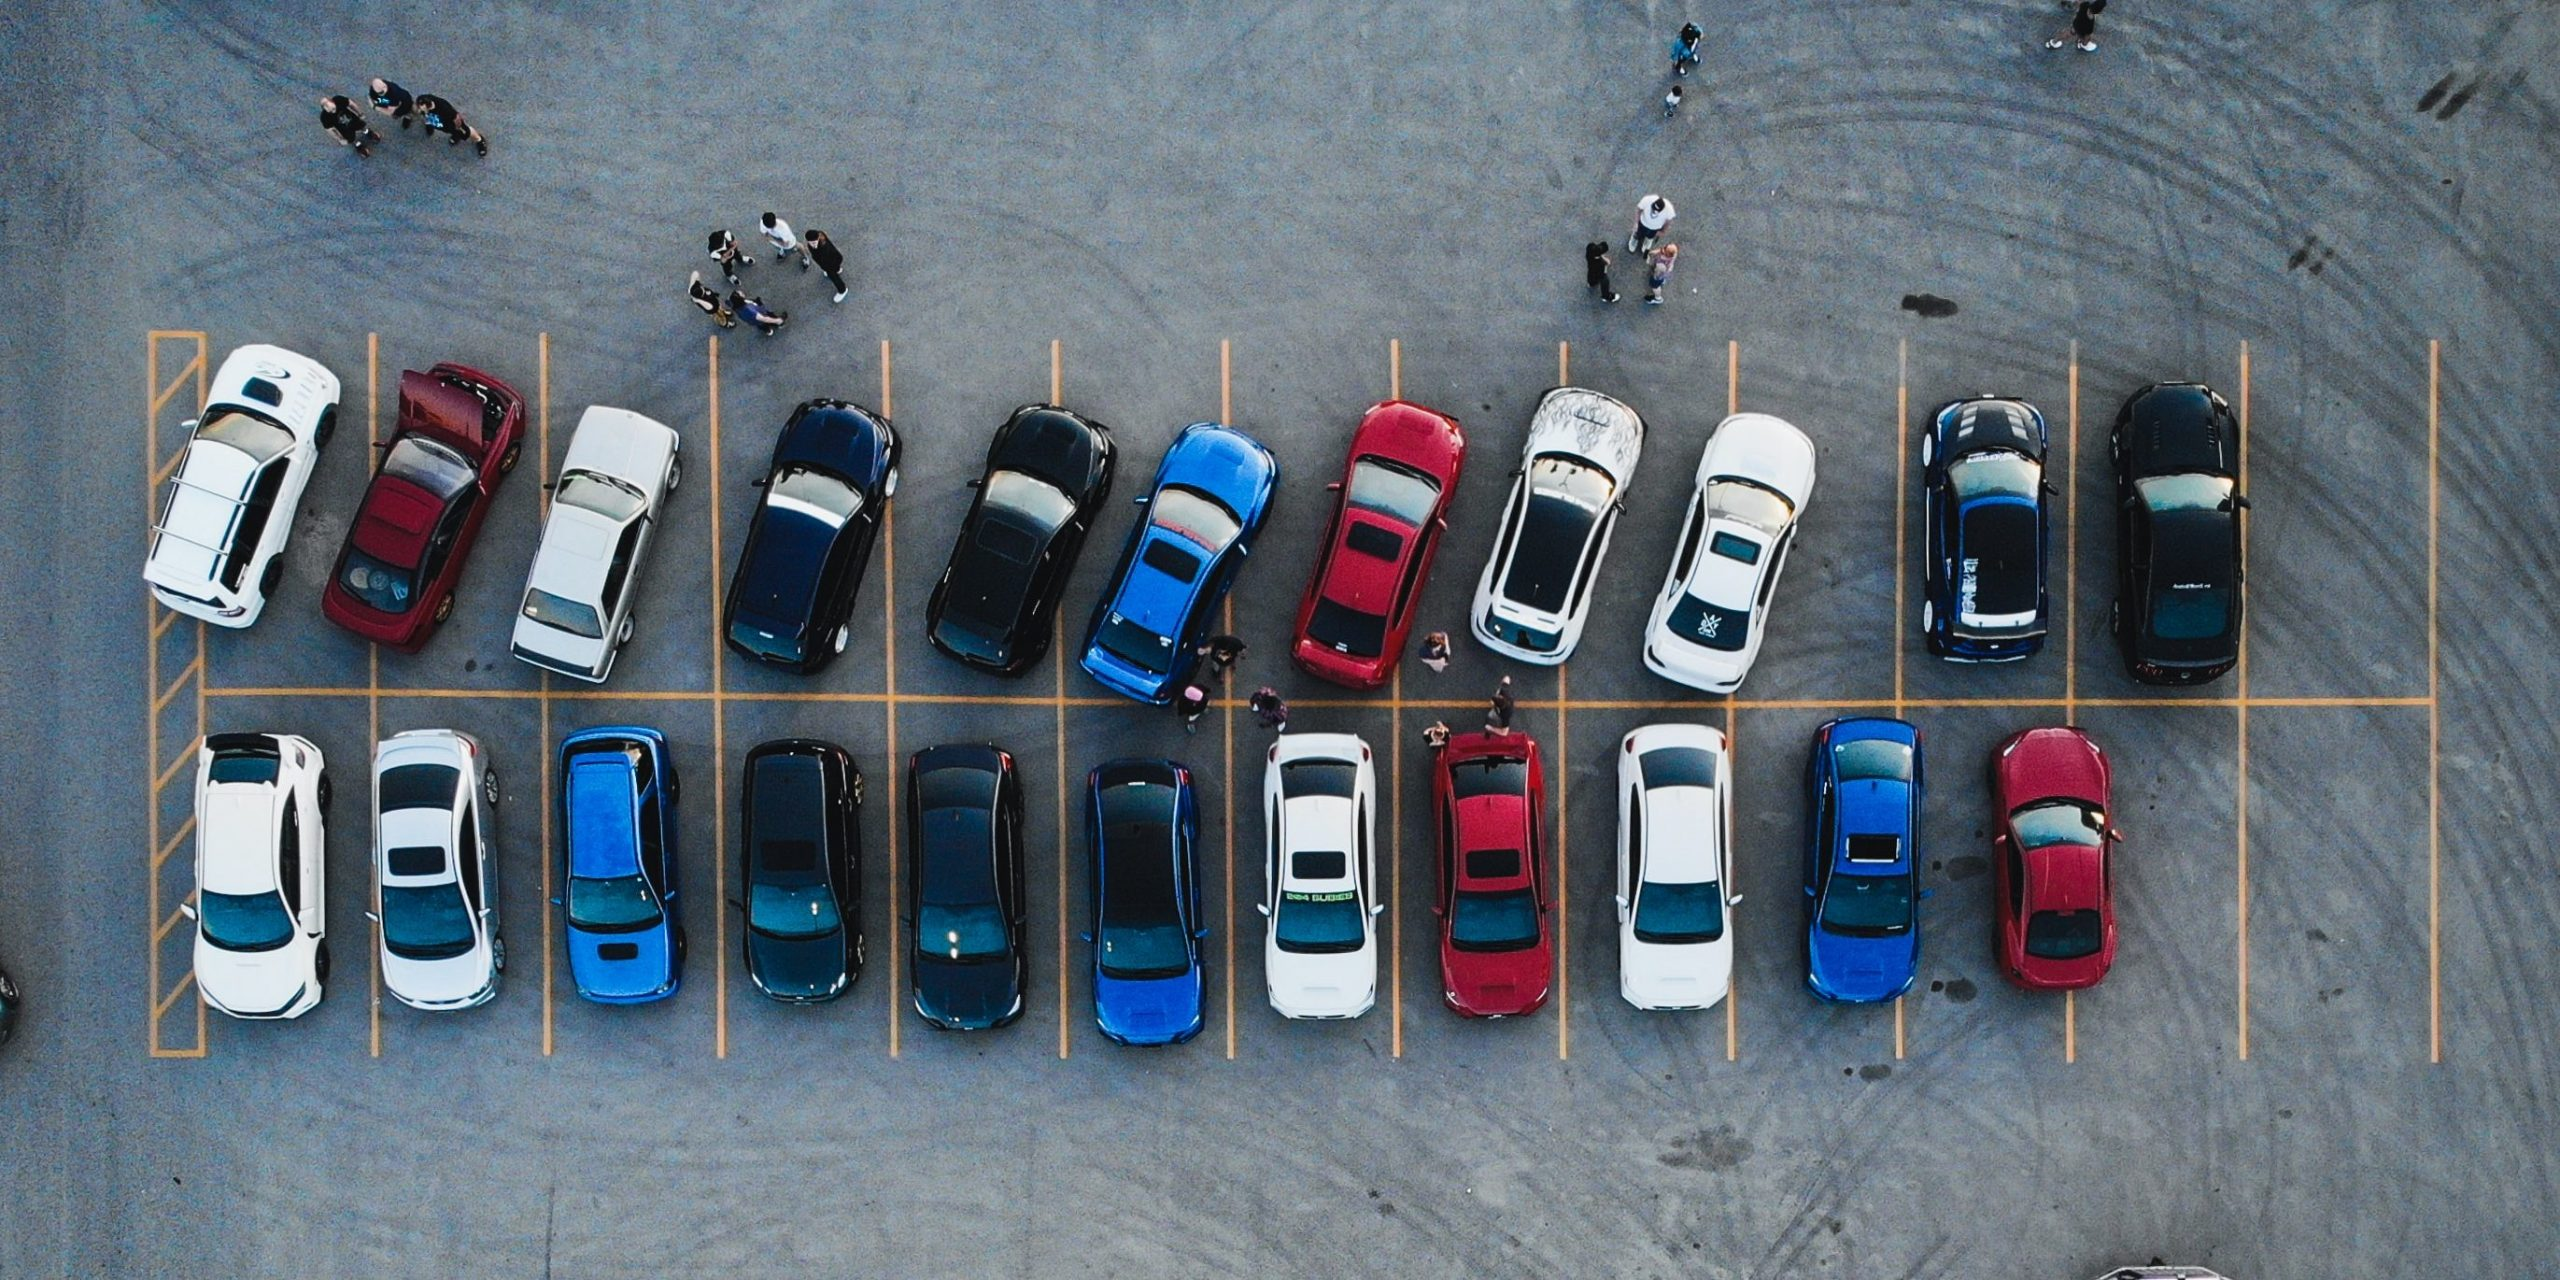 В Корее разработали приложение для умной парковки